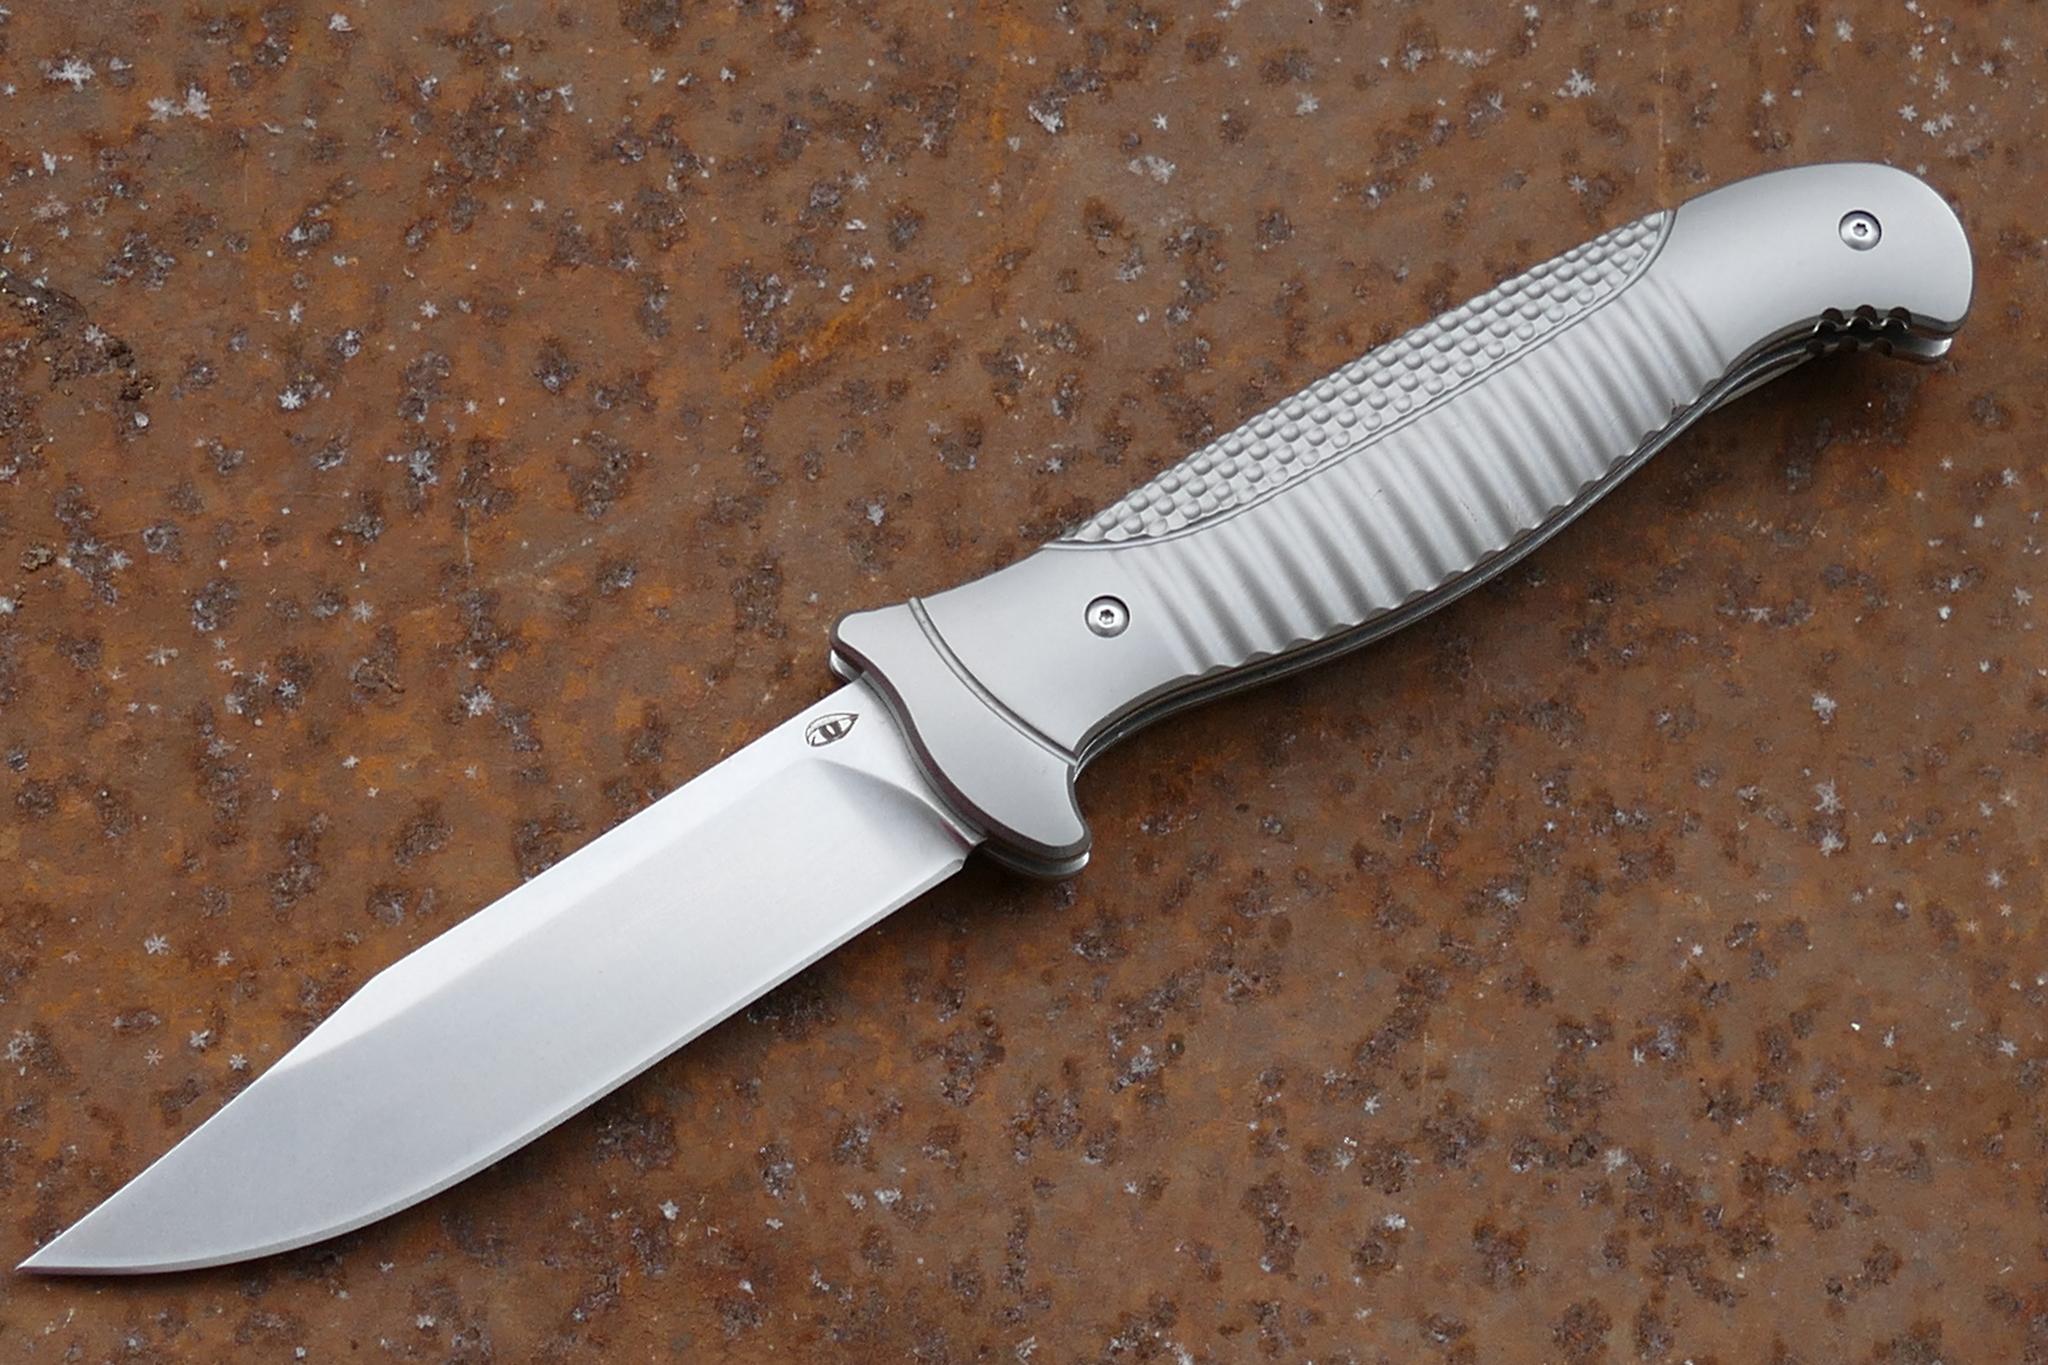 Складной нож Финка-3, S35VNРаскладные ножи<br>Складной нож Финка-3 S35VNРукоять и клипса: титановый сплав 6AL4VIKBS (шарикоподшипниковая система)каждый нож имеет свой номерДизайн Рогожкин Андрей<br>